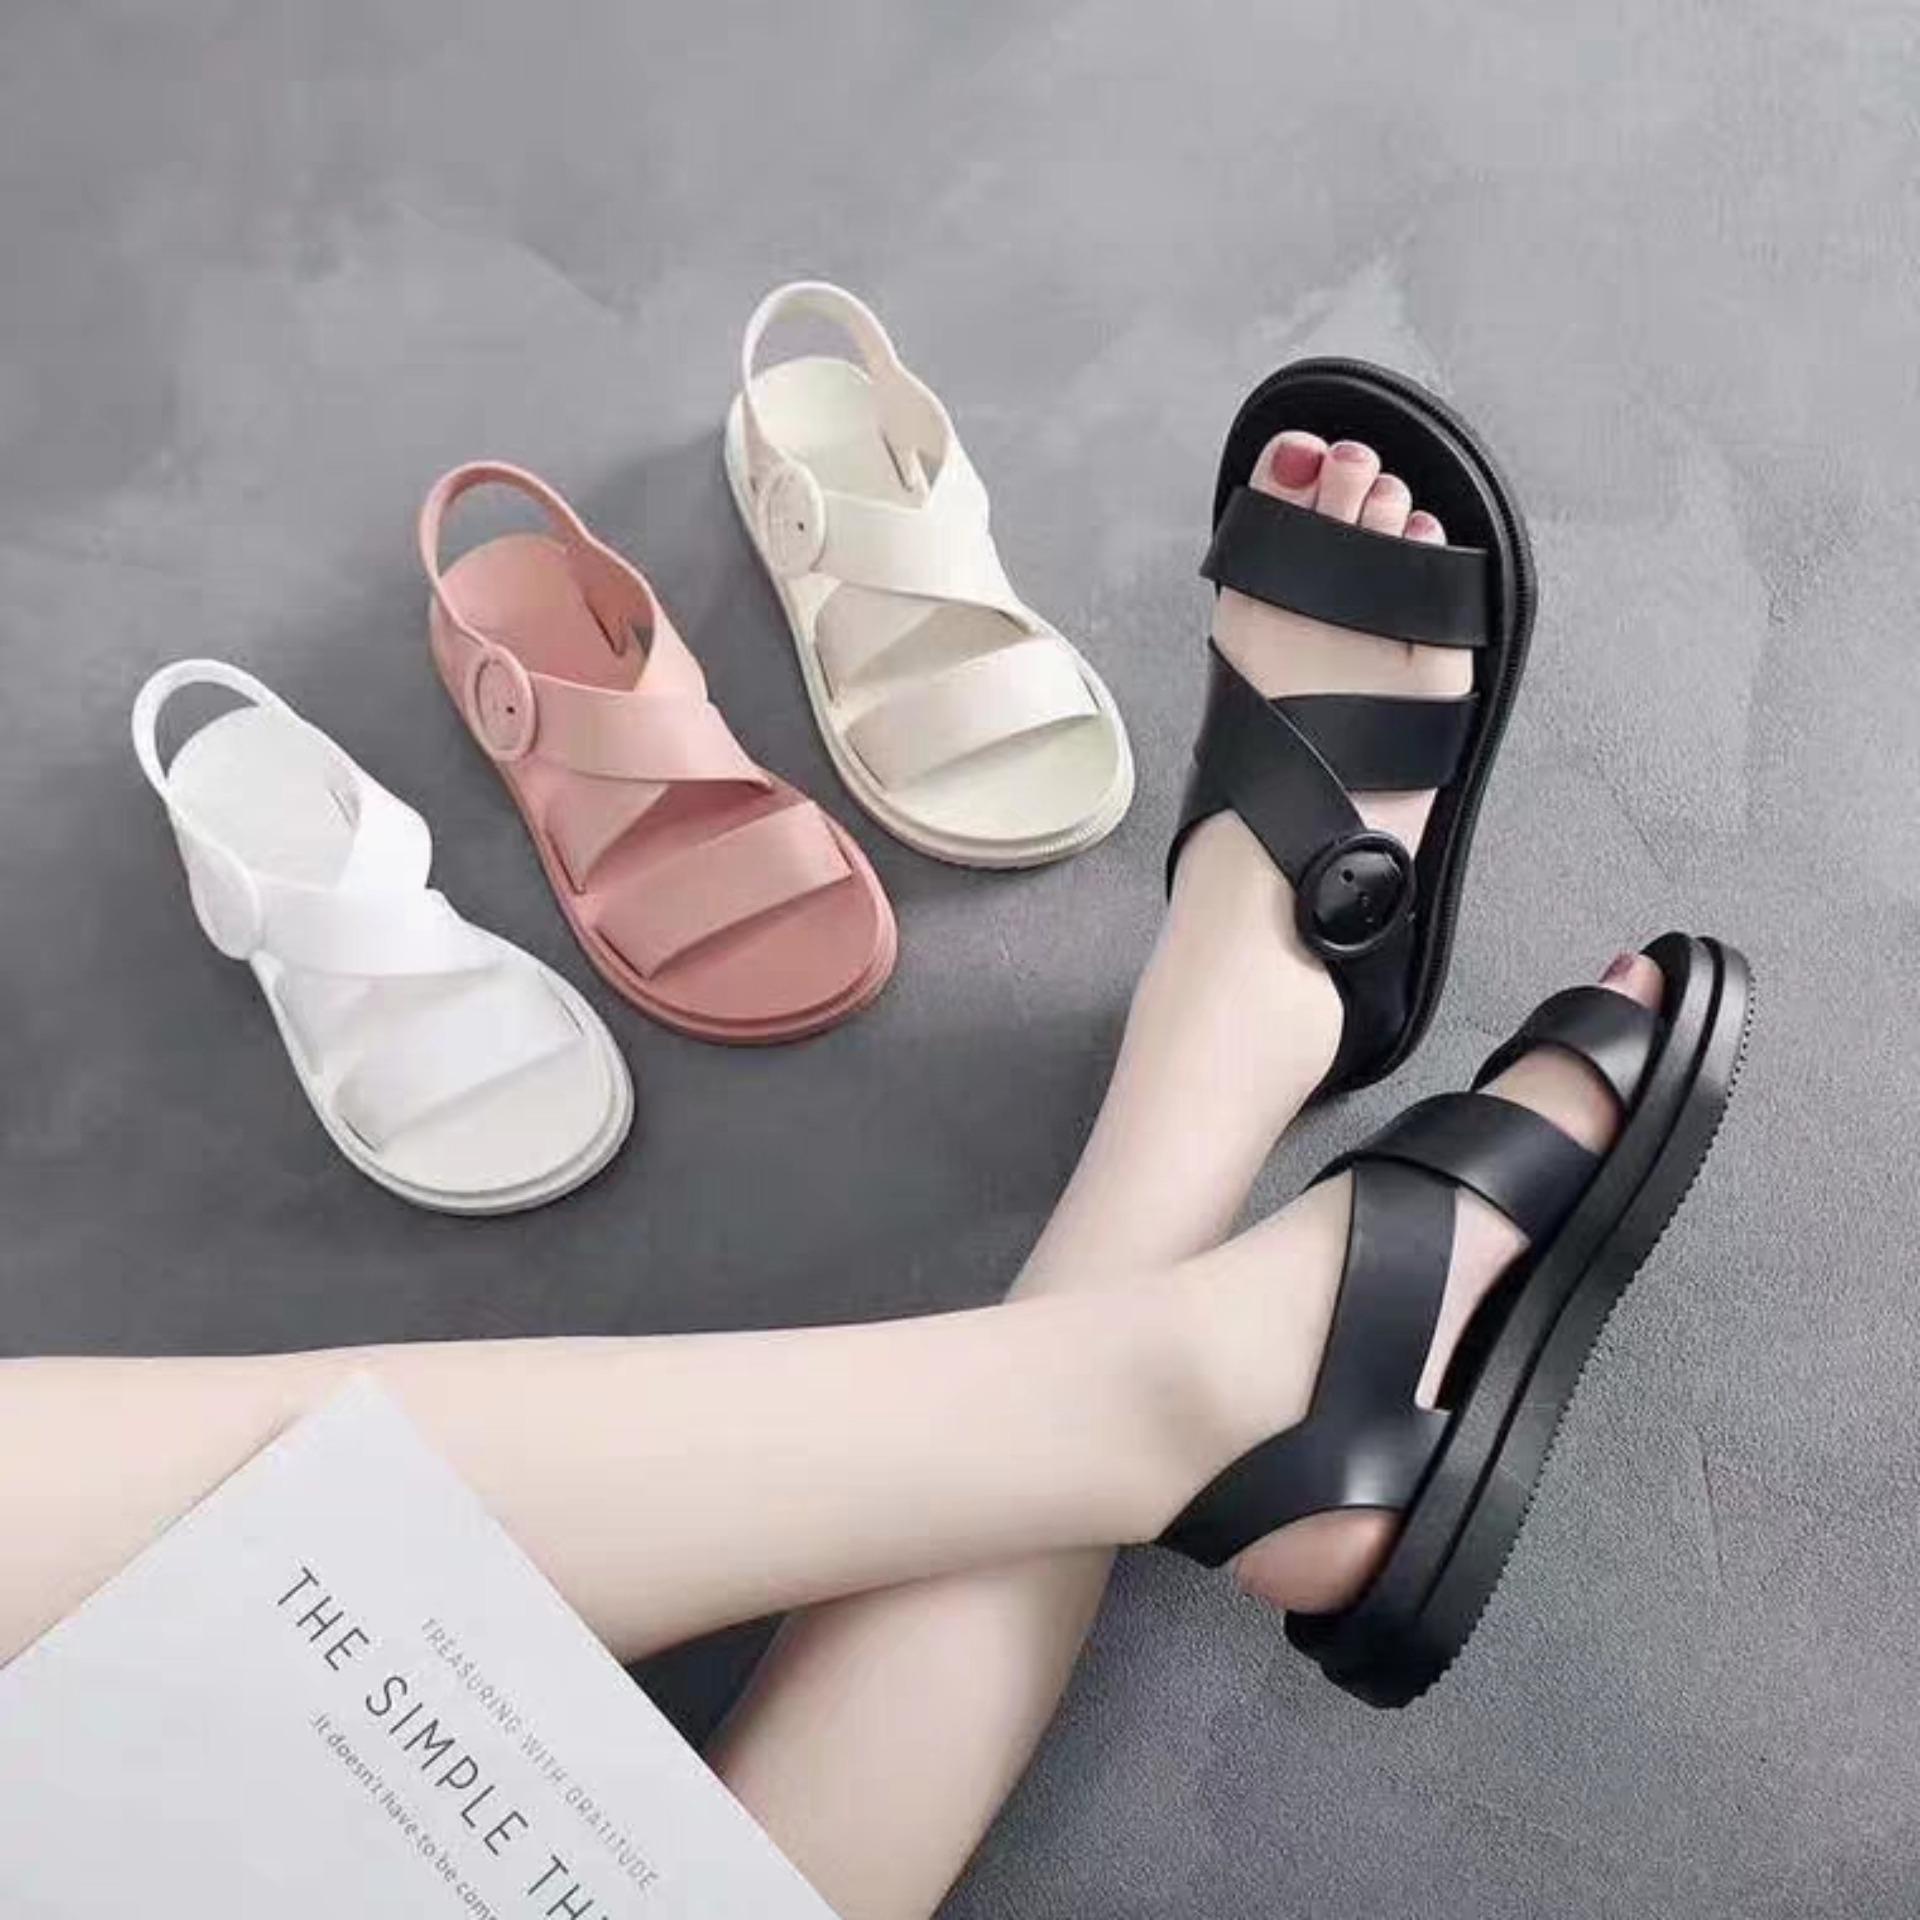 Mã Tiết Kiệm Để Mua Sắm Sandal Nữ Dép Thời Trang Nhựa Dẻo đi Mưa HAPU đen Hồng Kem